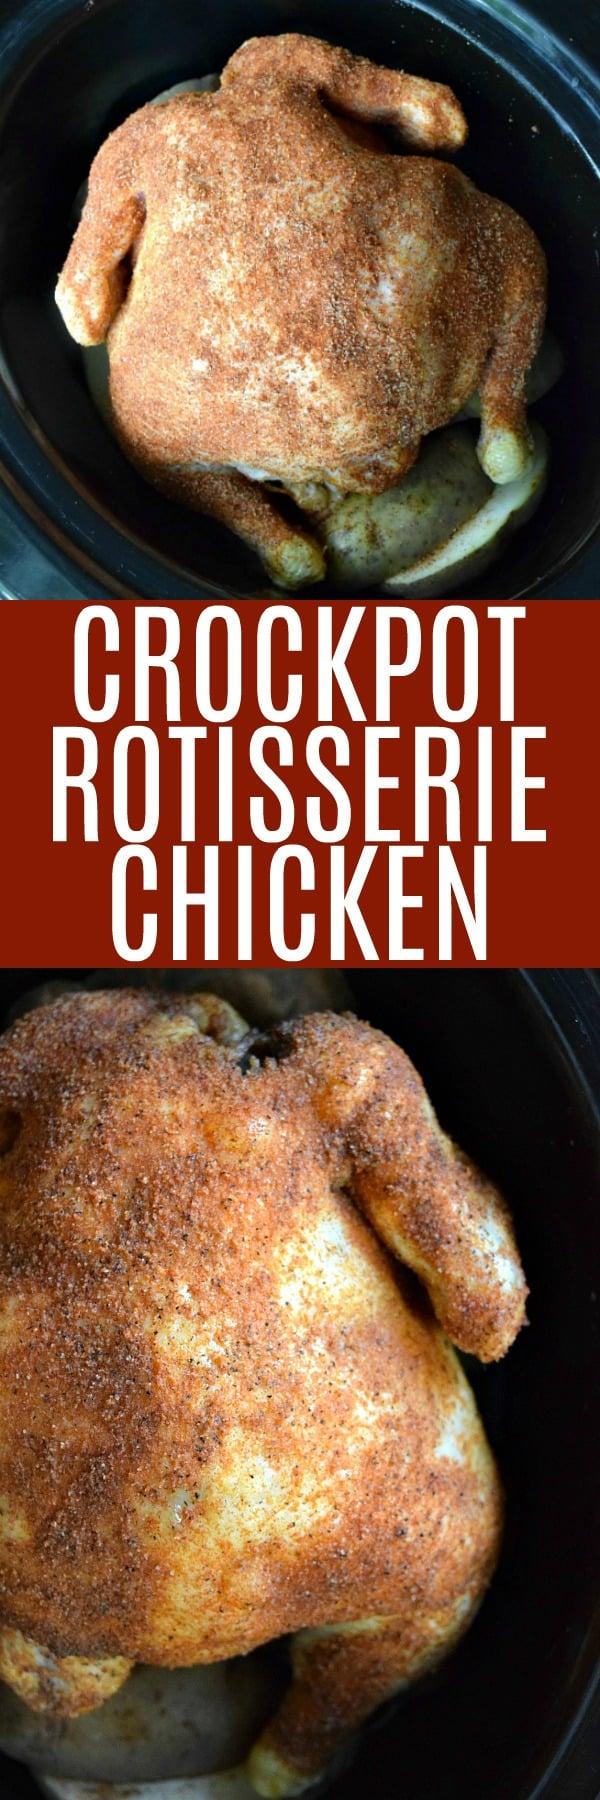 crockpot-rotisserie-chicken-6